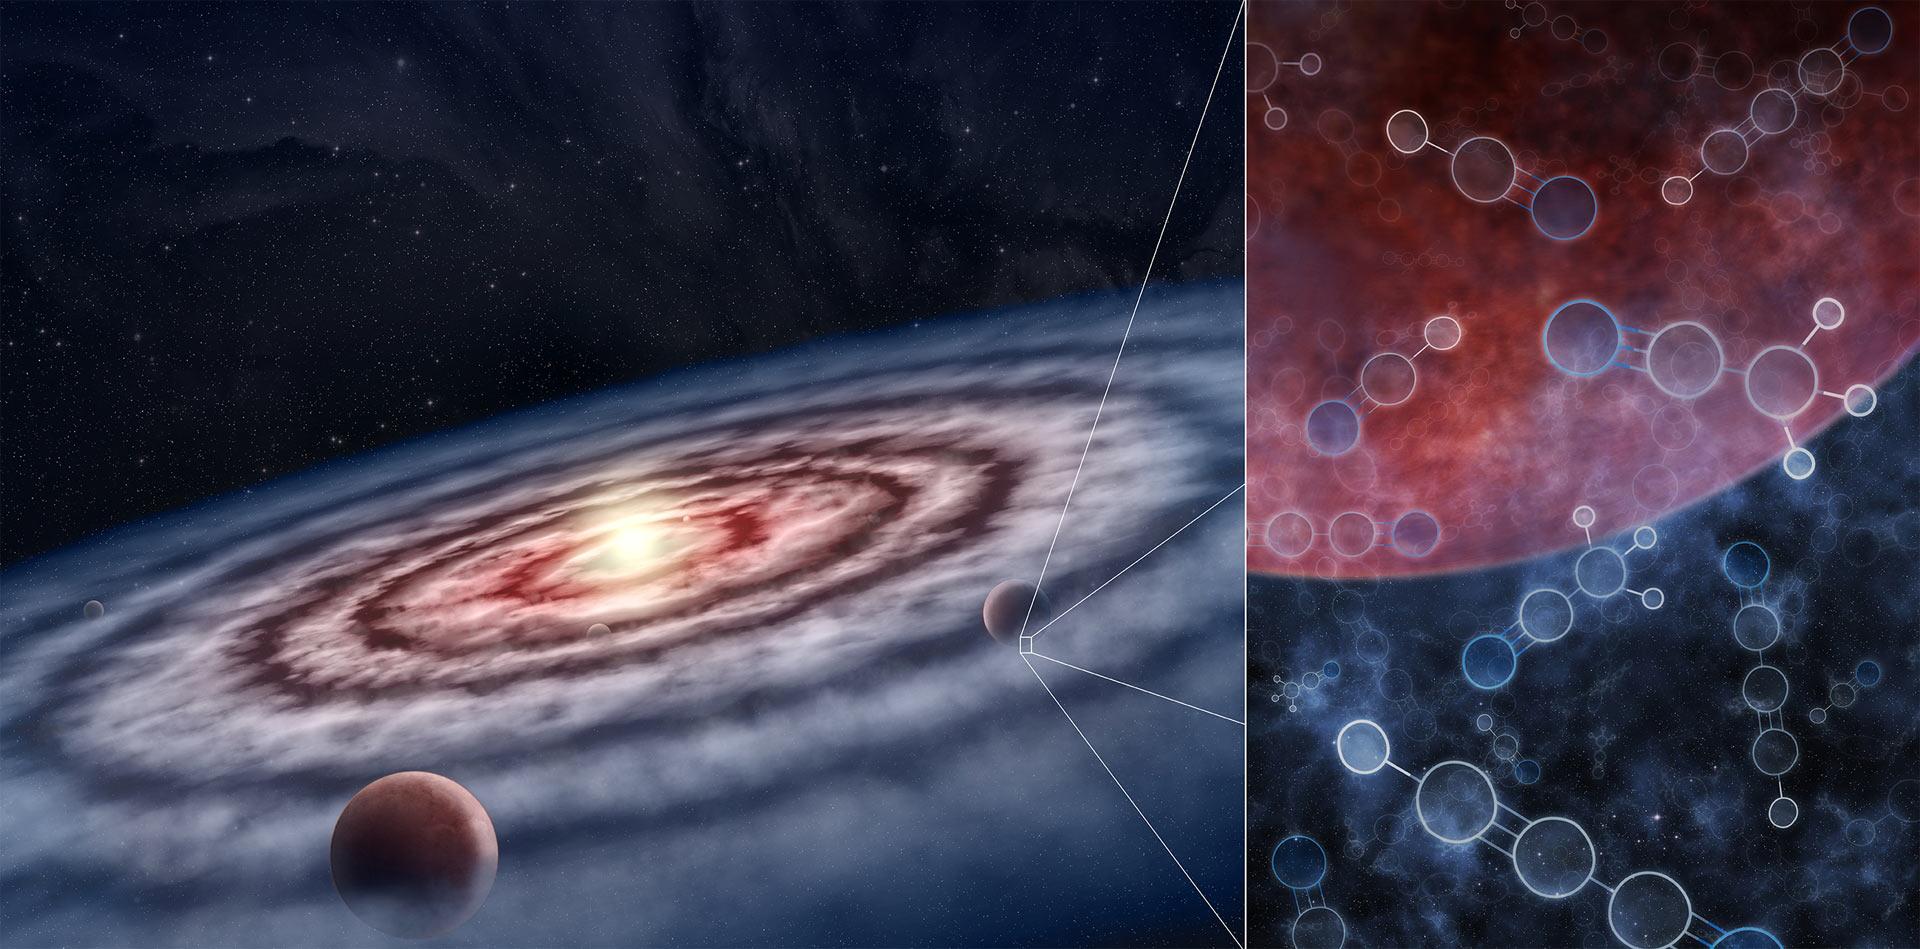 احتمال وجود حیات در کهکشان ما بیشتر شد